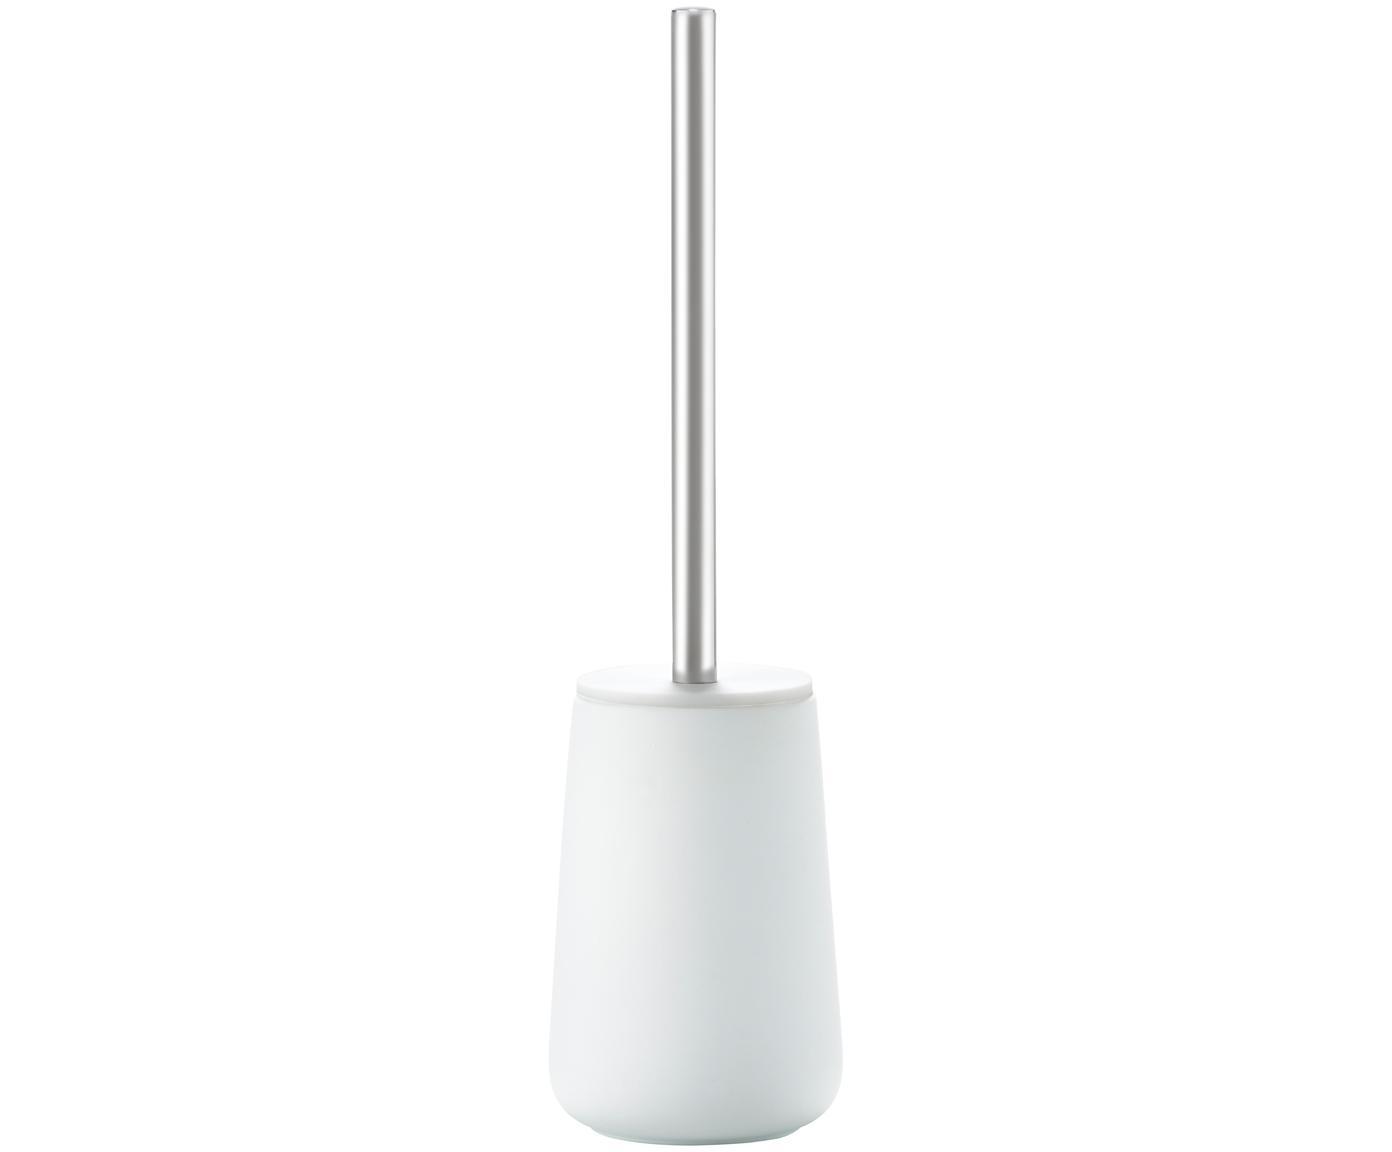 Escobilla de baño Brush, Blanco, acero inoxidable, Ø 10 x Al 43 cm